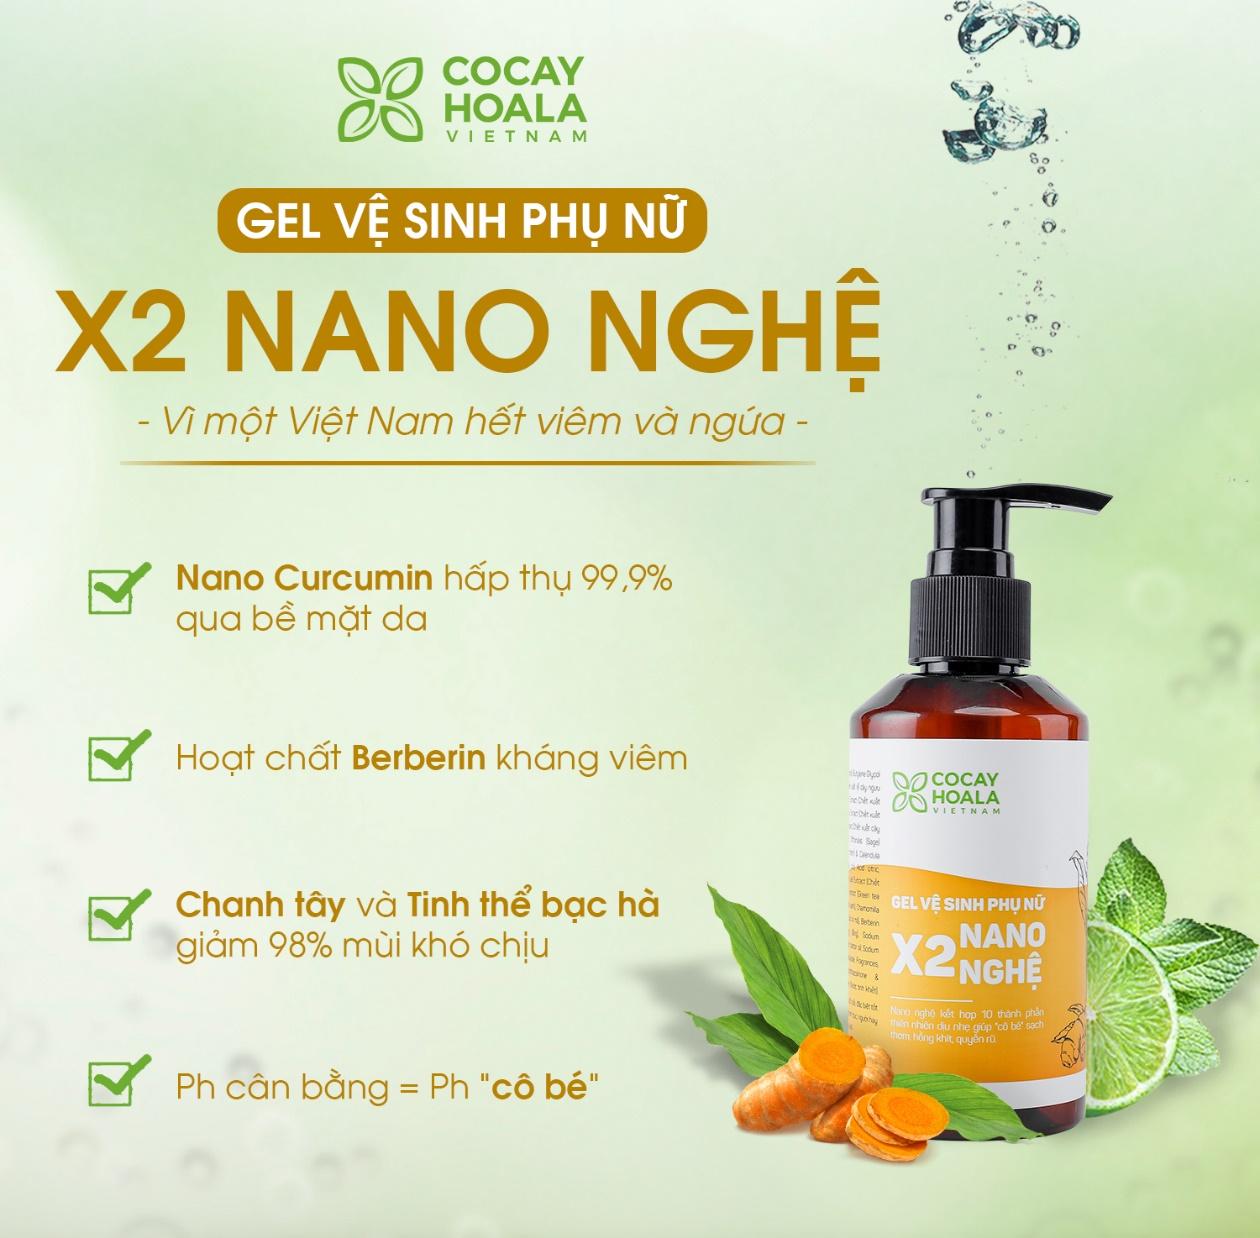 Tại sao Gel vệ sinh phụ nữ X2 Nano Nghệ lại giúp trẻ hóa vùng kín, hết ngứa, hết mùi hôi? - Ảnh 4